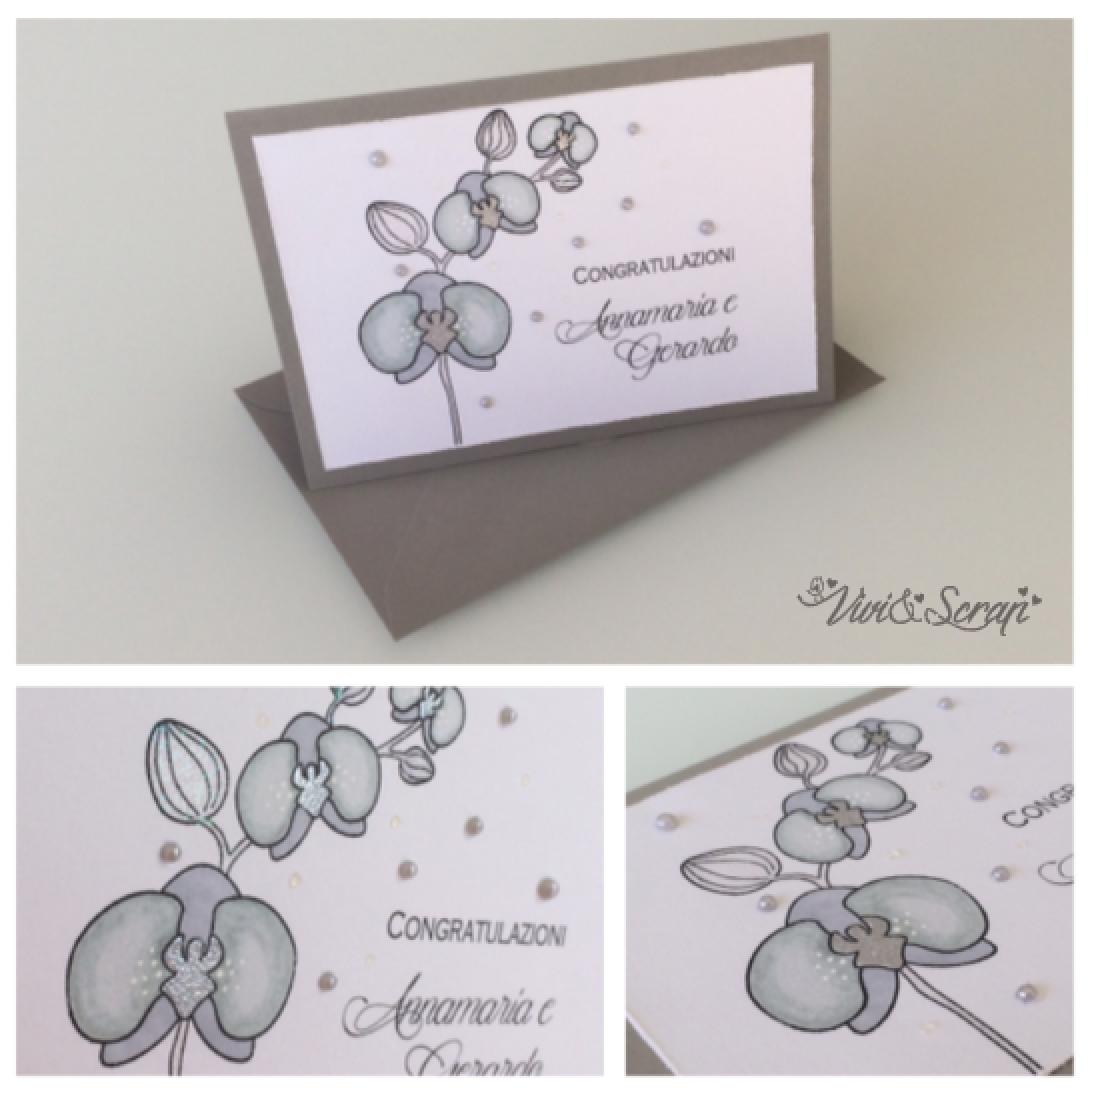 Scrapbooking Orchid Wedding Card Biglietto Per Matrimonio Con Orchidea Viviandscrap Blogspot Ch Fb Viviandscrap Instagram Viviandscrap